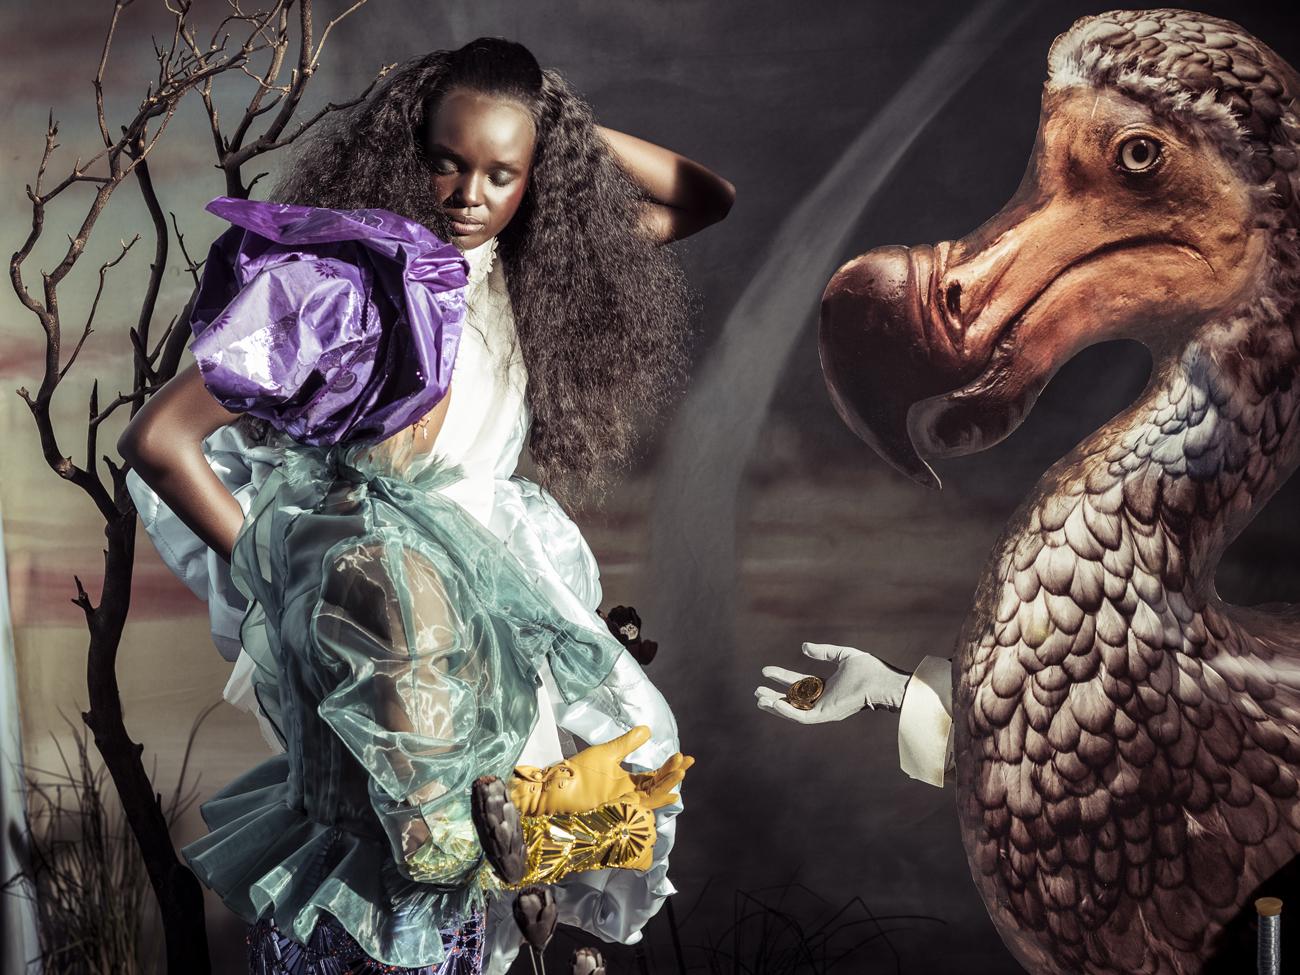 Главную роль Алисы отвели Даки Тот, австралийской модели родом из Южного Судана, которая стала известной благодаря телешоу Australia's Next Top Model